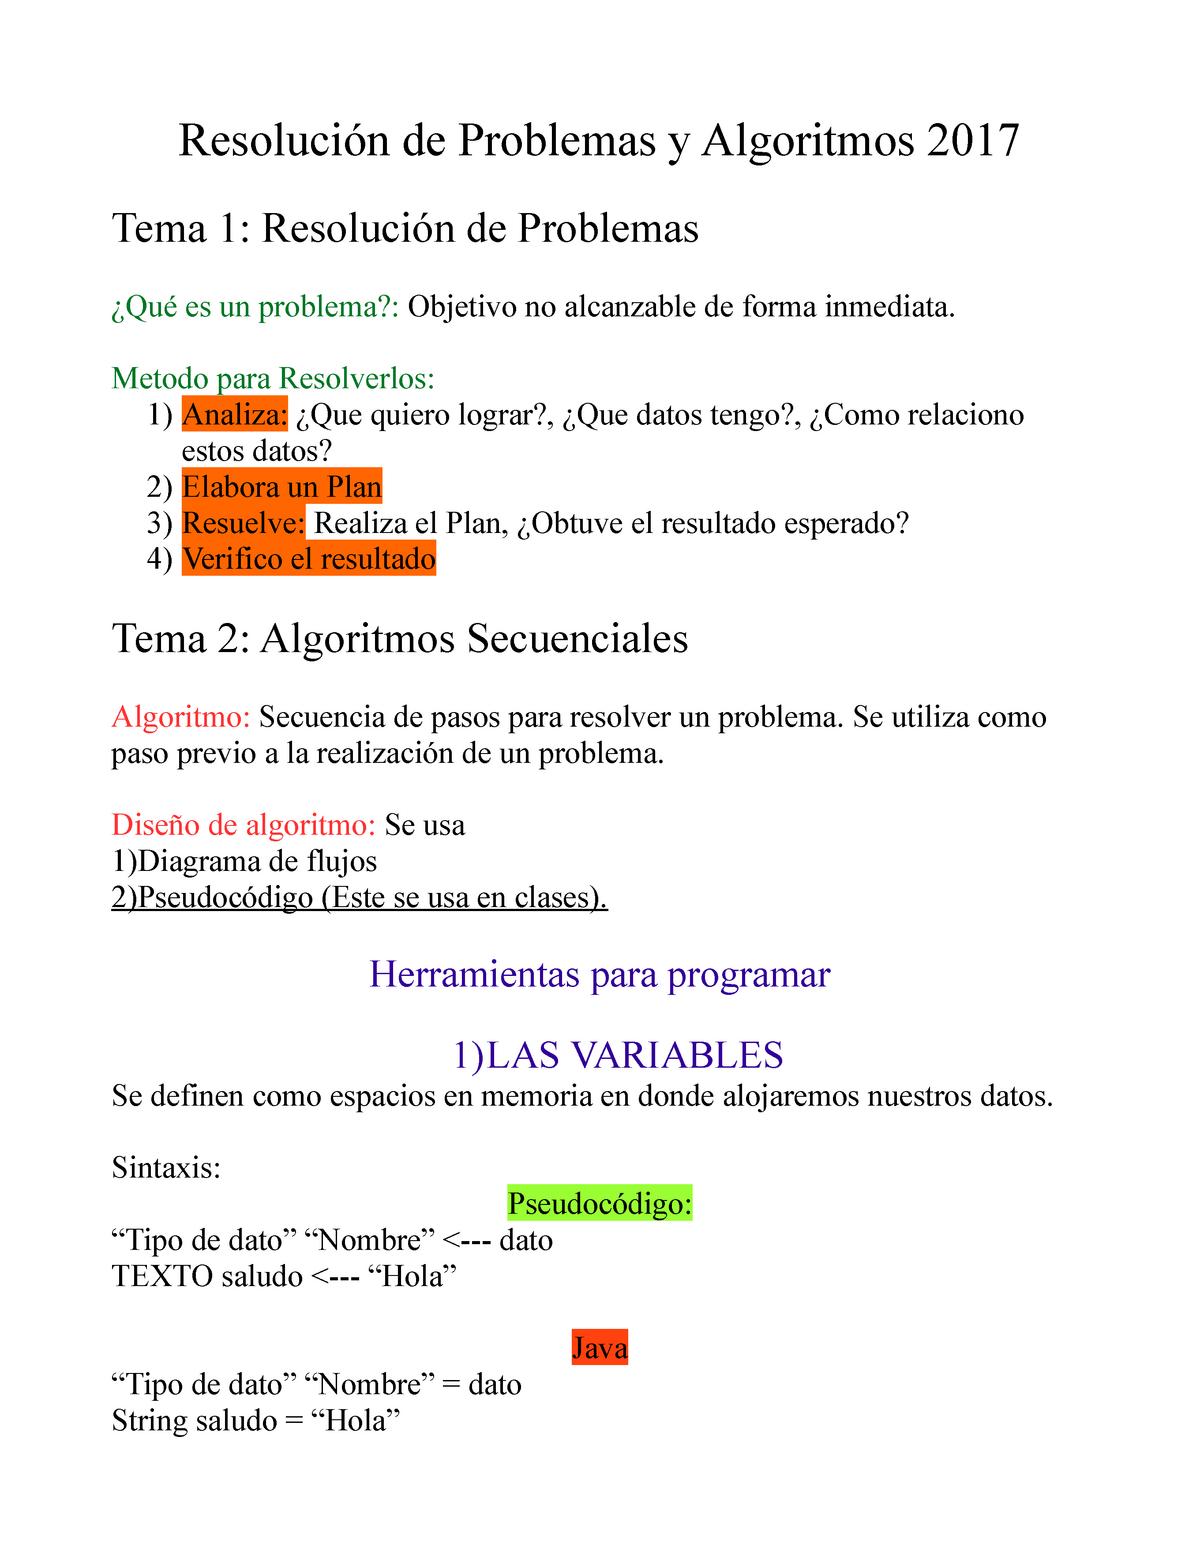 Resumen Rpa 2017 Resolución De Problemas Y Algoritmos